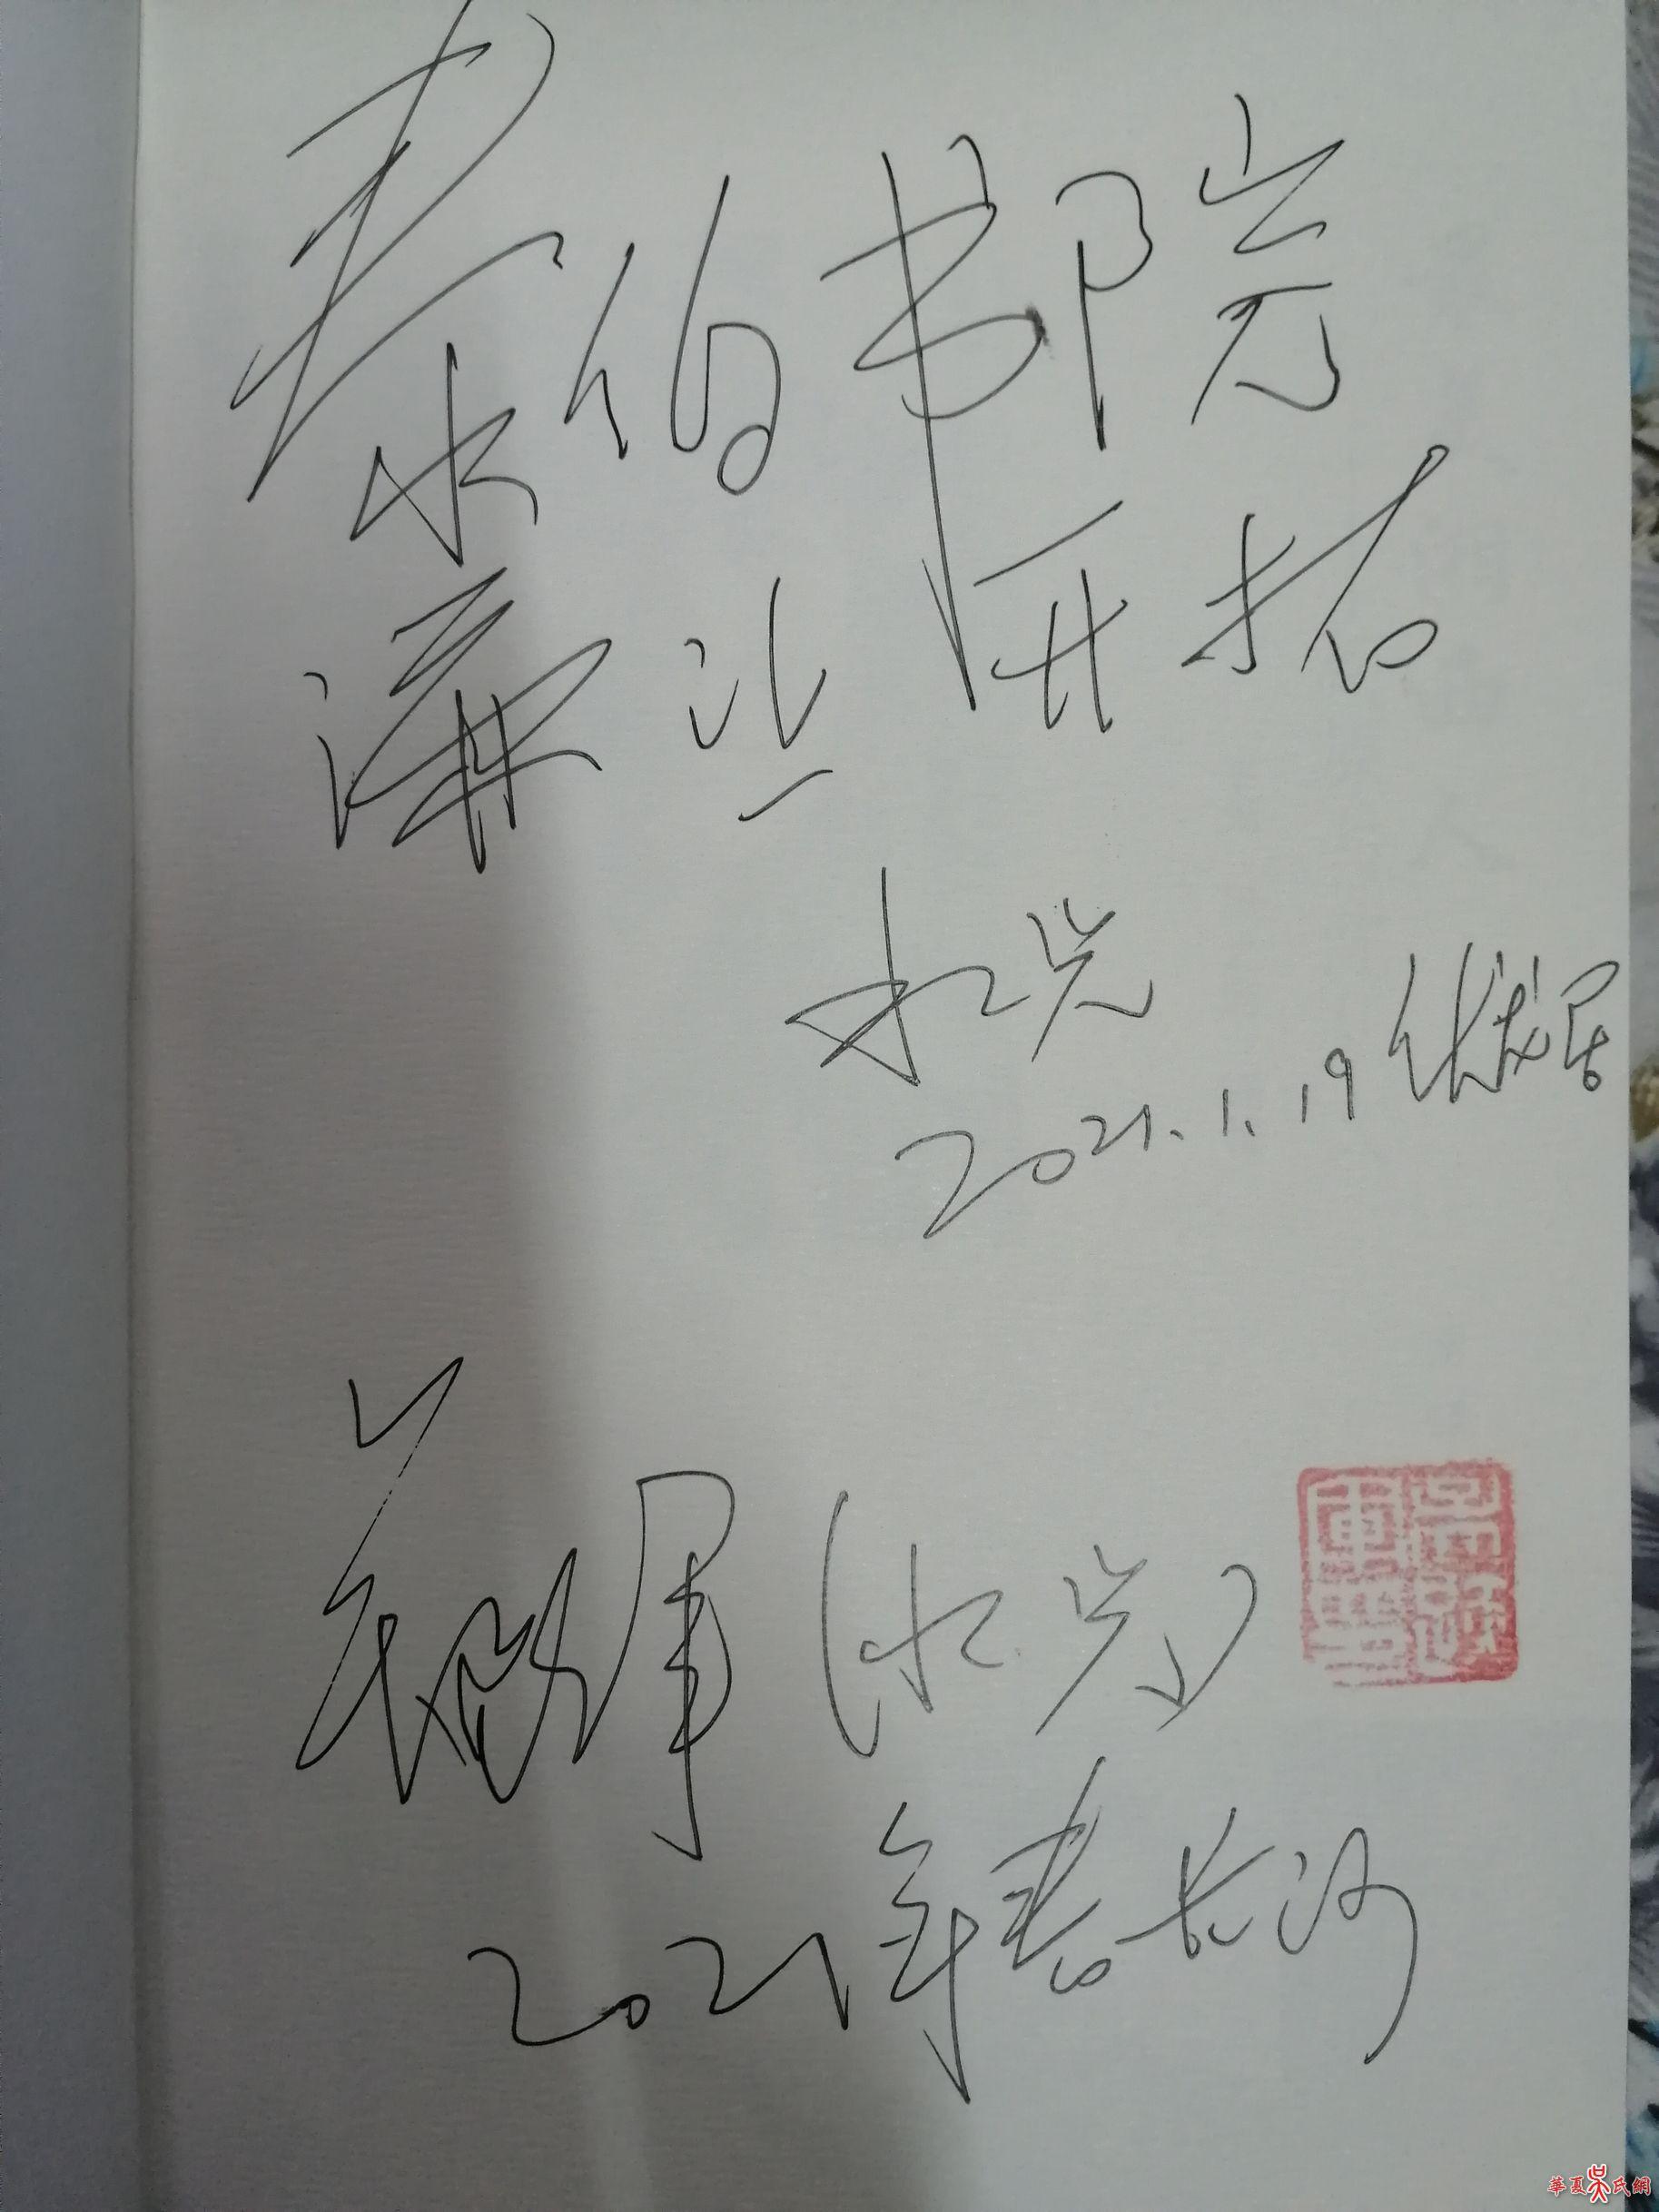 湖南著名作家水光(吴跃军)将最新作品《最美湘西人》惠赠泰伯书院